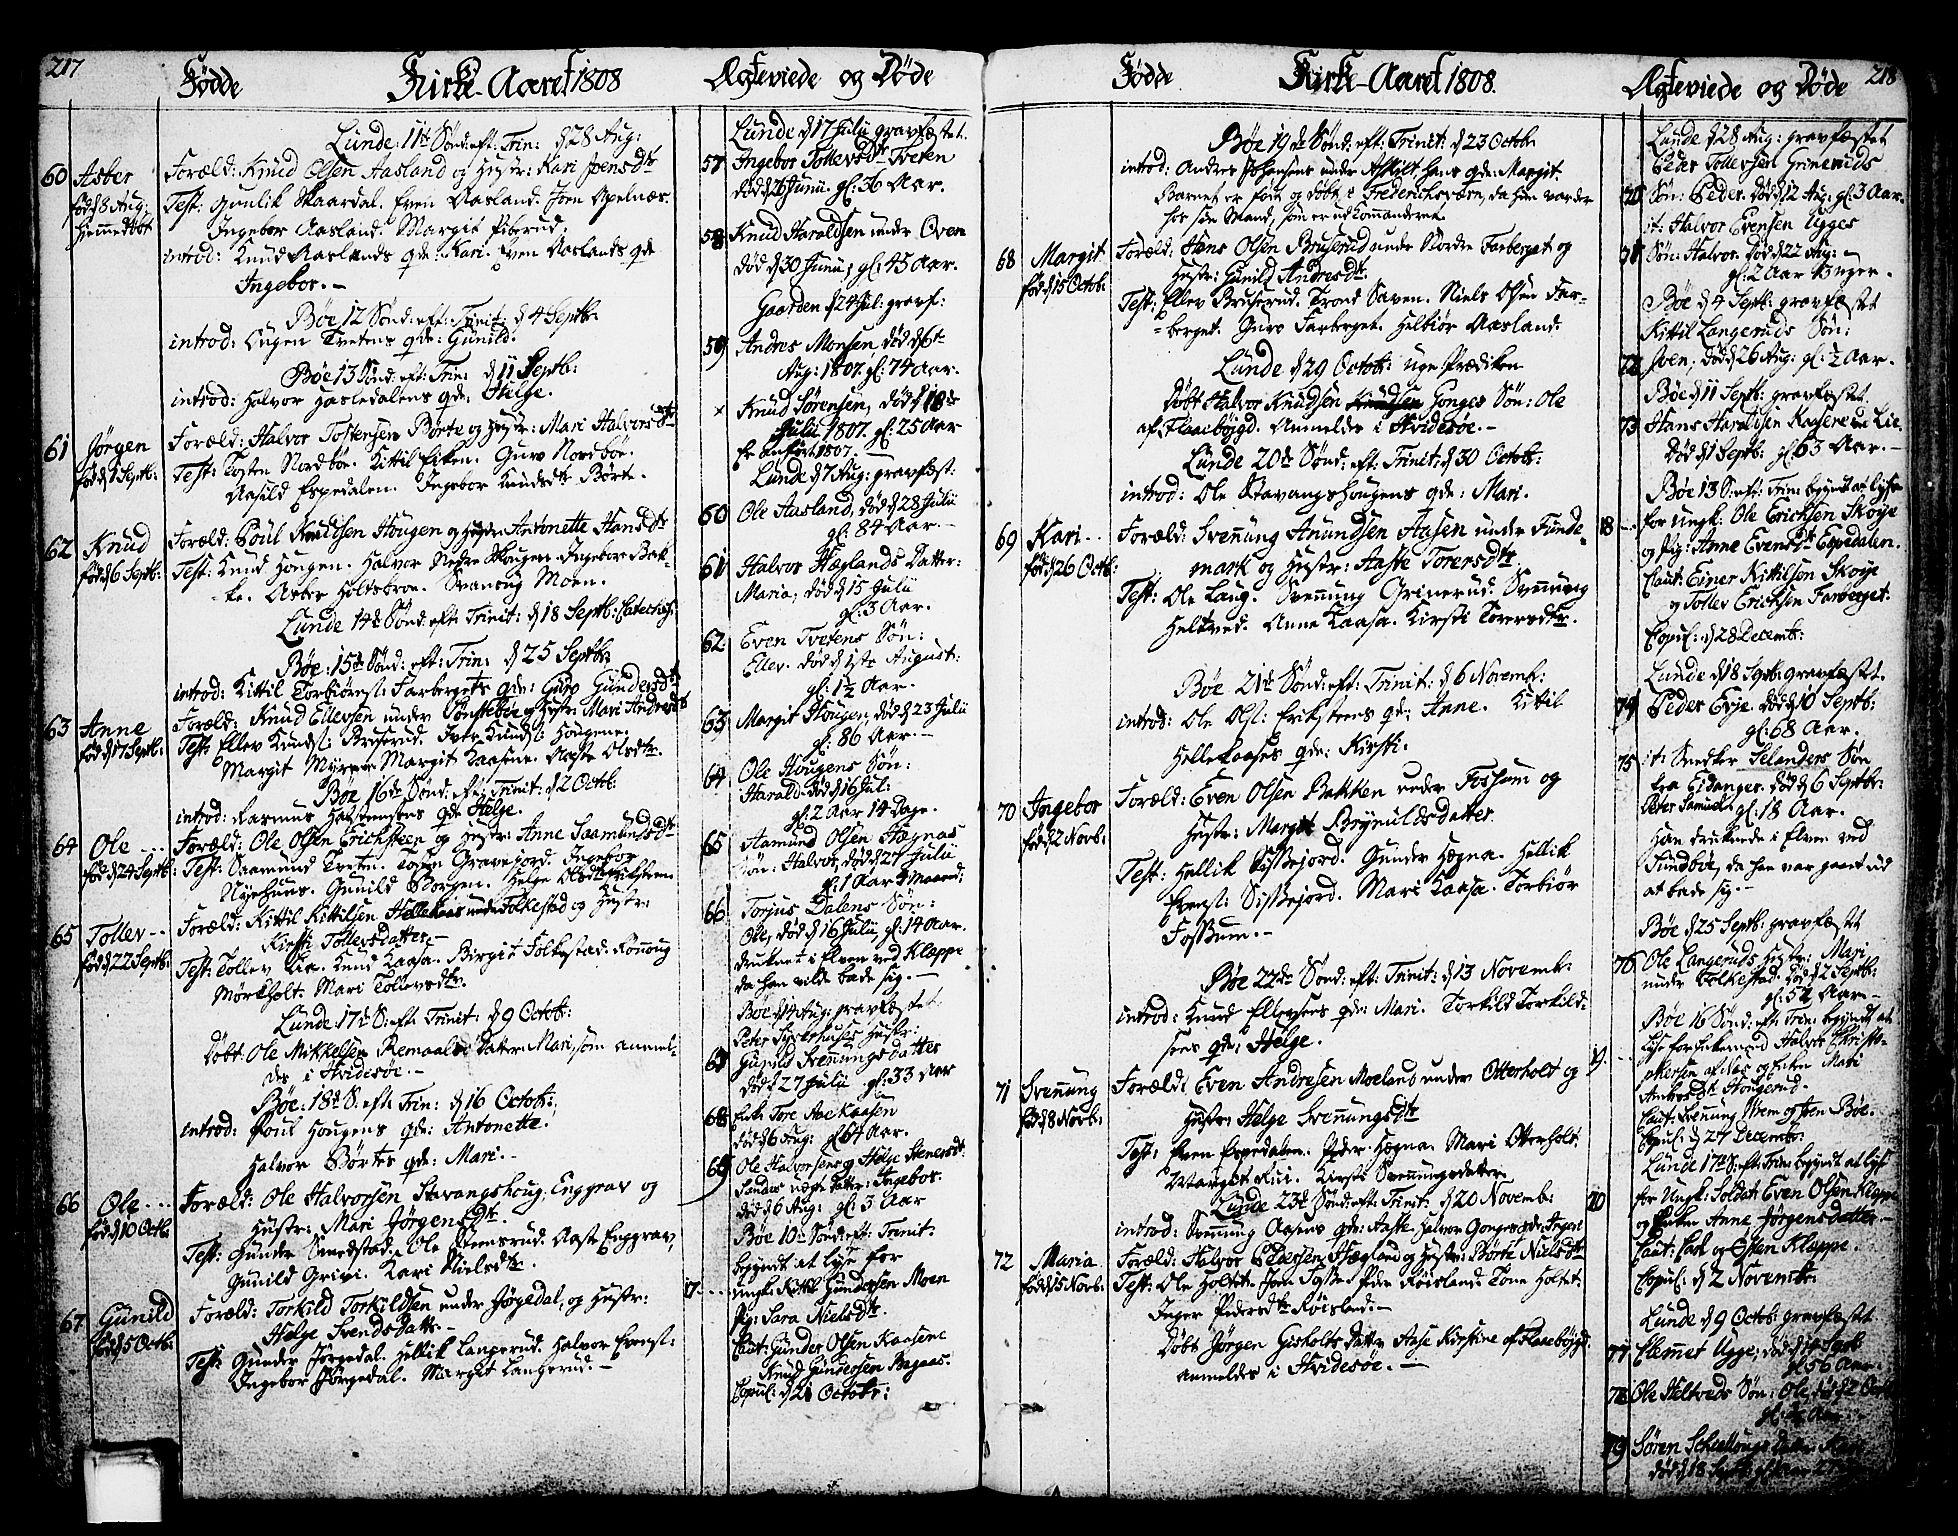 SAKO, Bø kirkebøker, F/Fa/L0005: Ministerialbok nr. 5, 1785-1815, s. 217-218